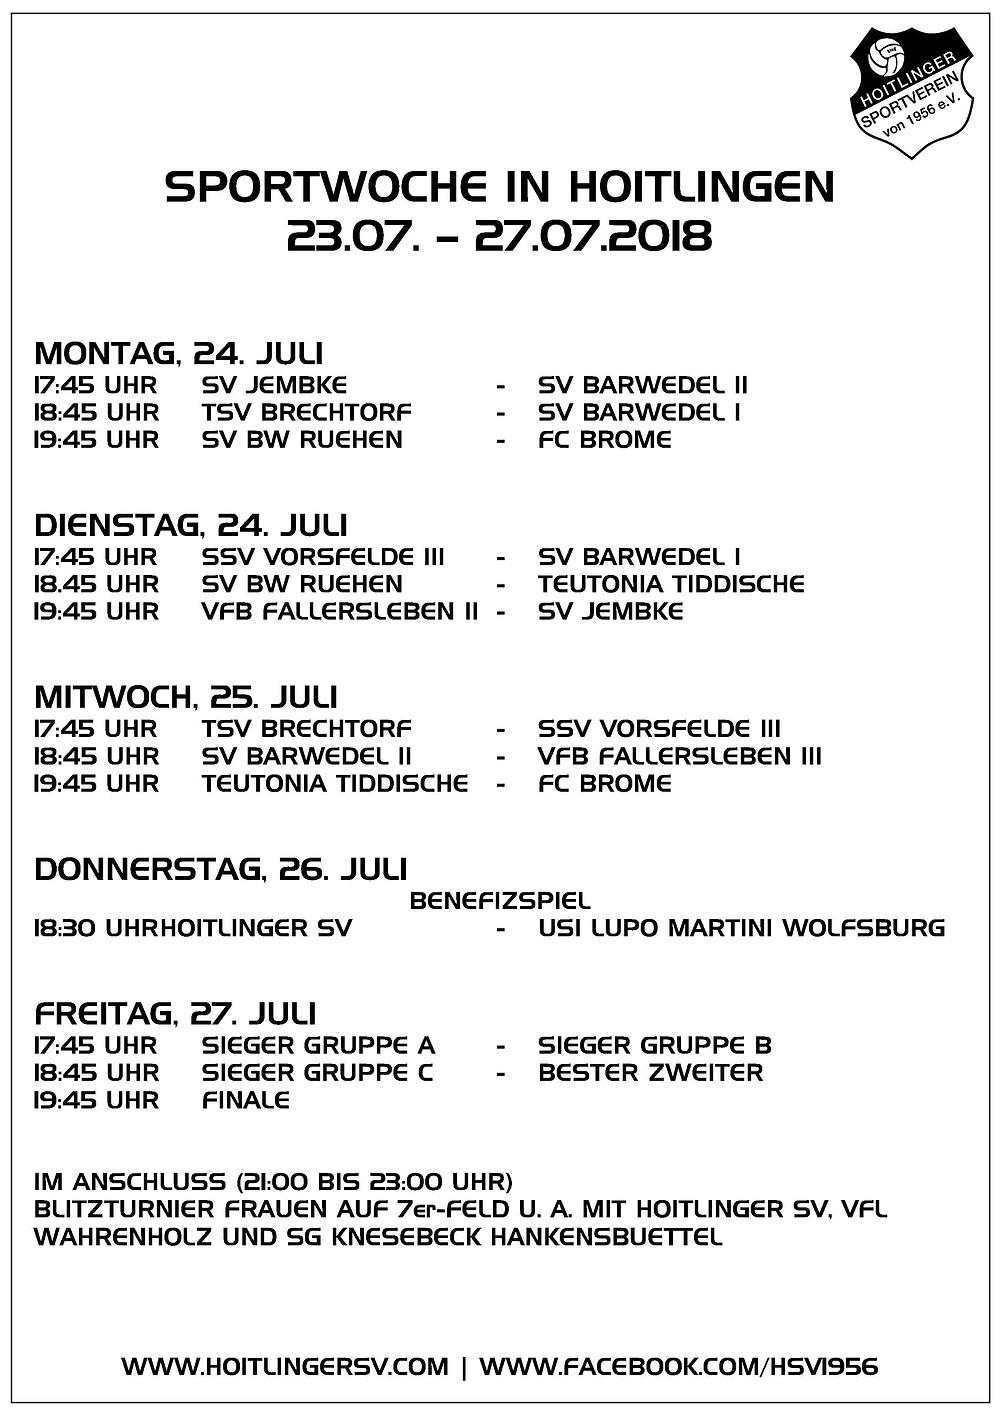 Sportwoche Hoitlinger SV